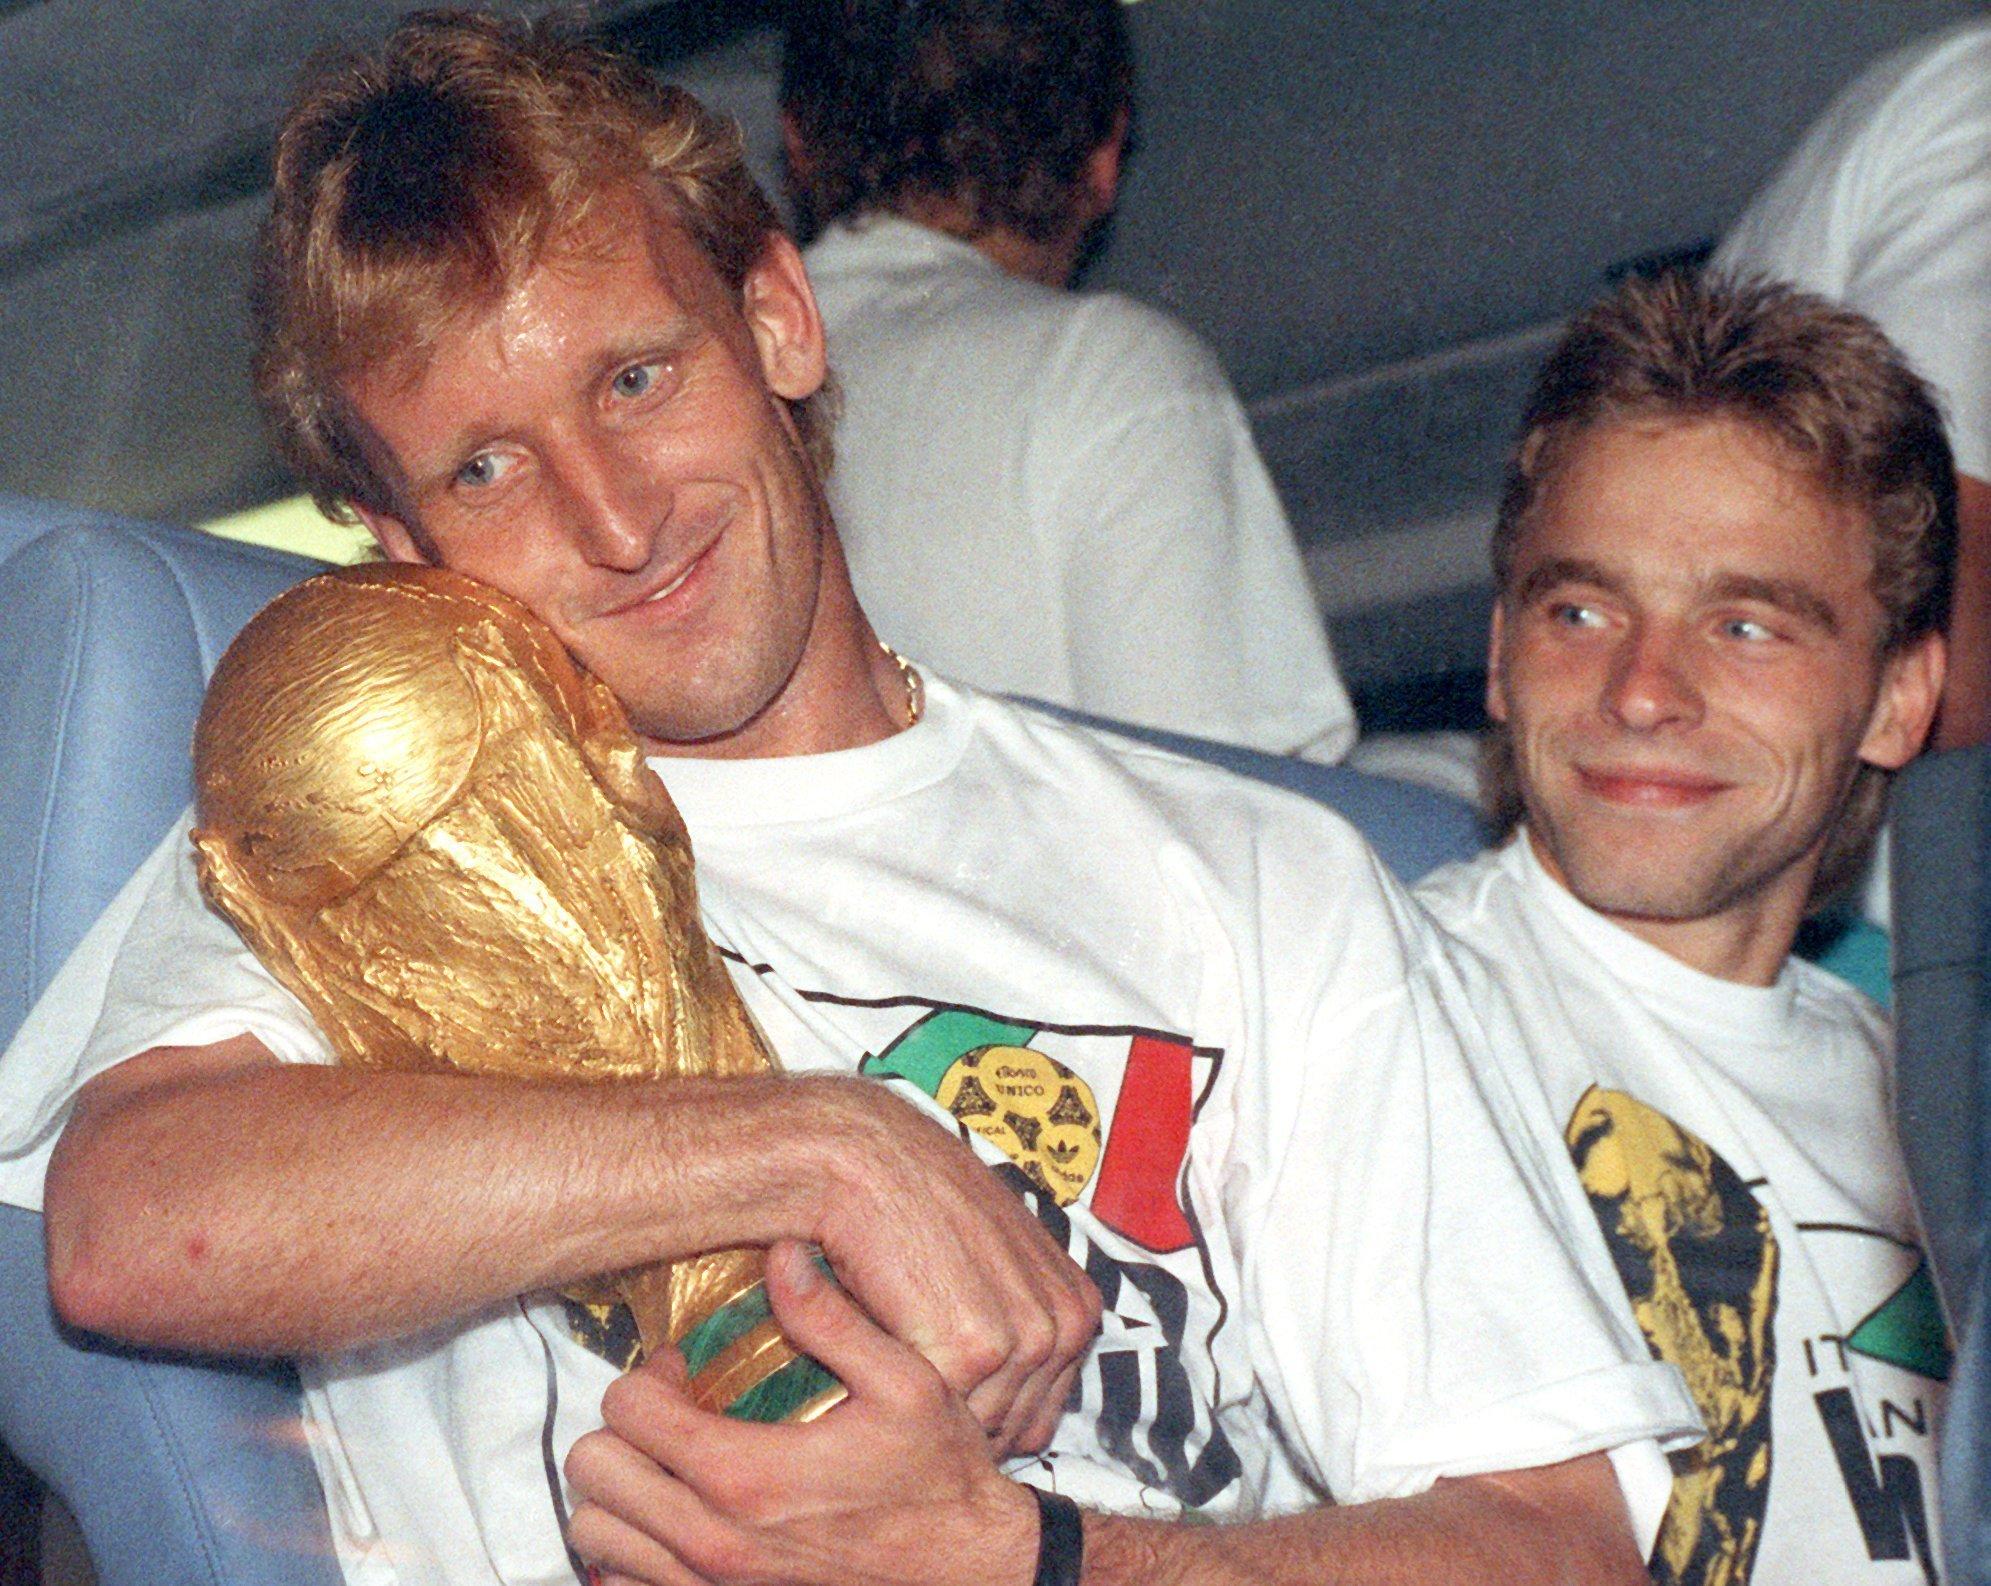 Andy Brehme (l.) kuschelt mit dem WM-Pokal: Jetzt verkauft er zwei Souvenirs vom Turnier 1990 in Italien.